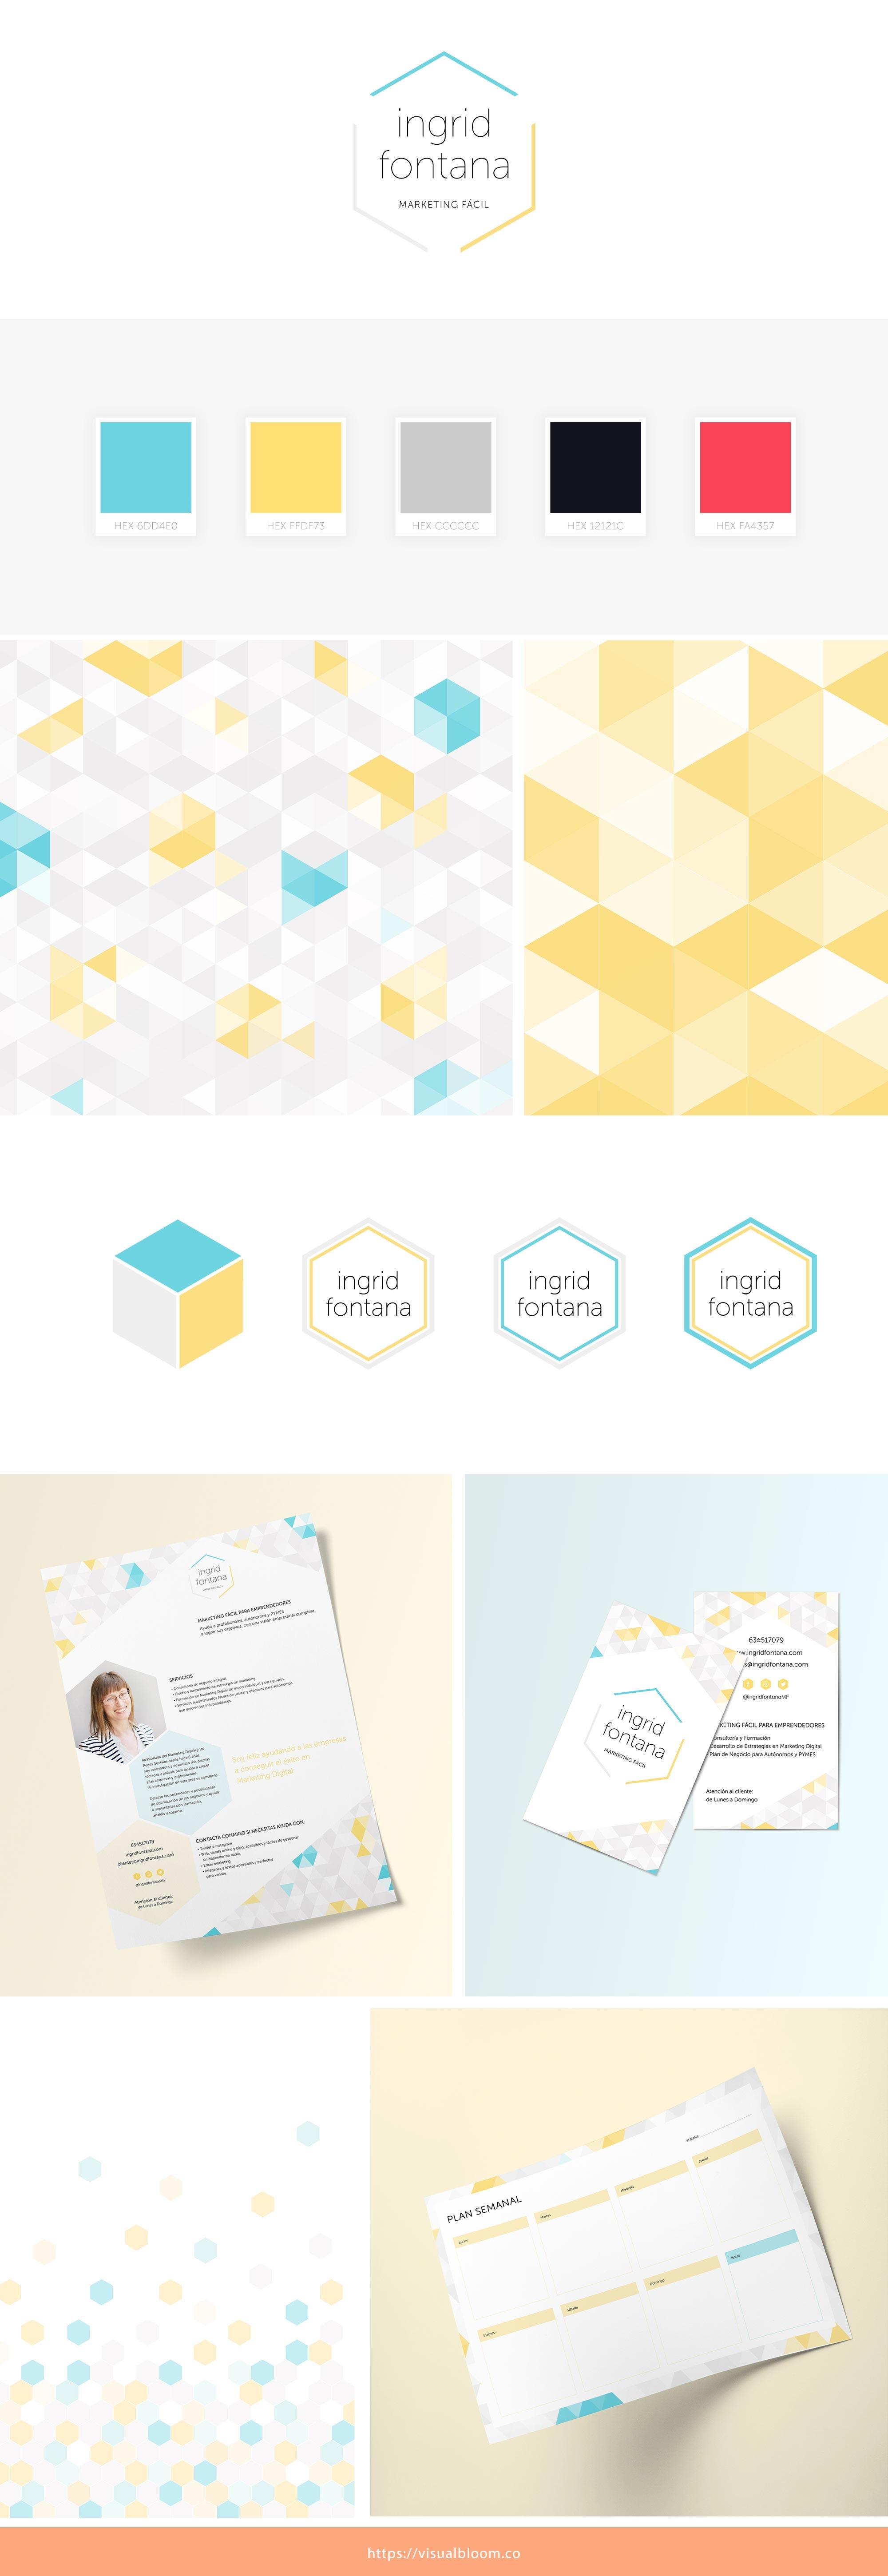 Diseño de identidad visual para Ingrid Fontana, marketing manager en España.